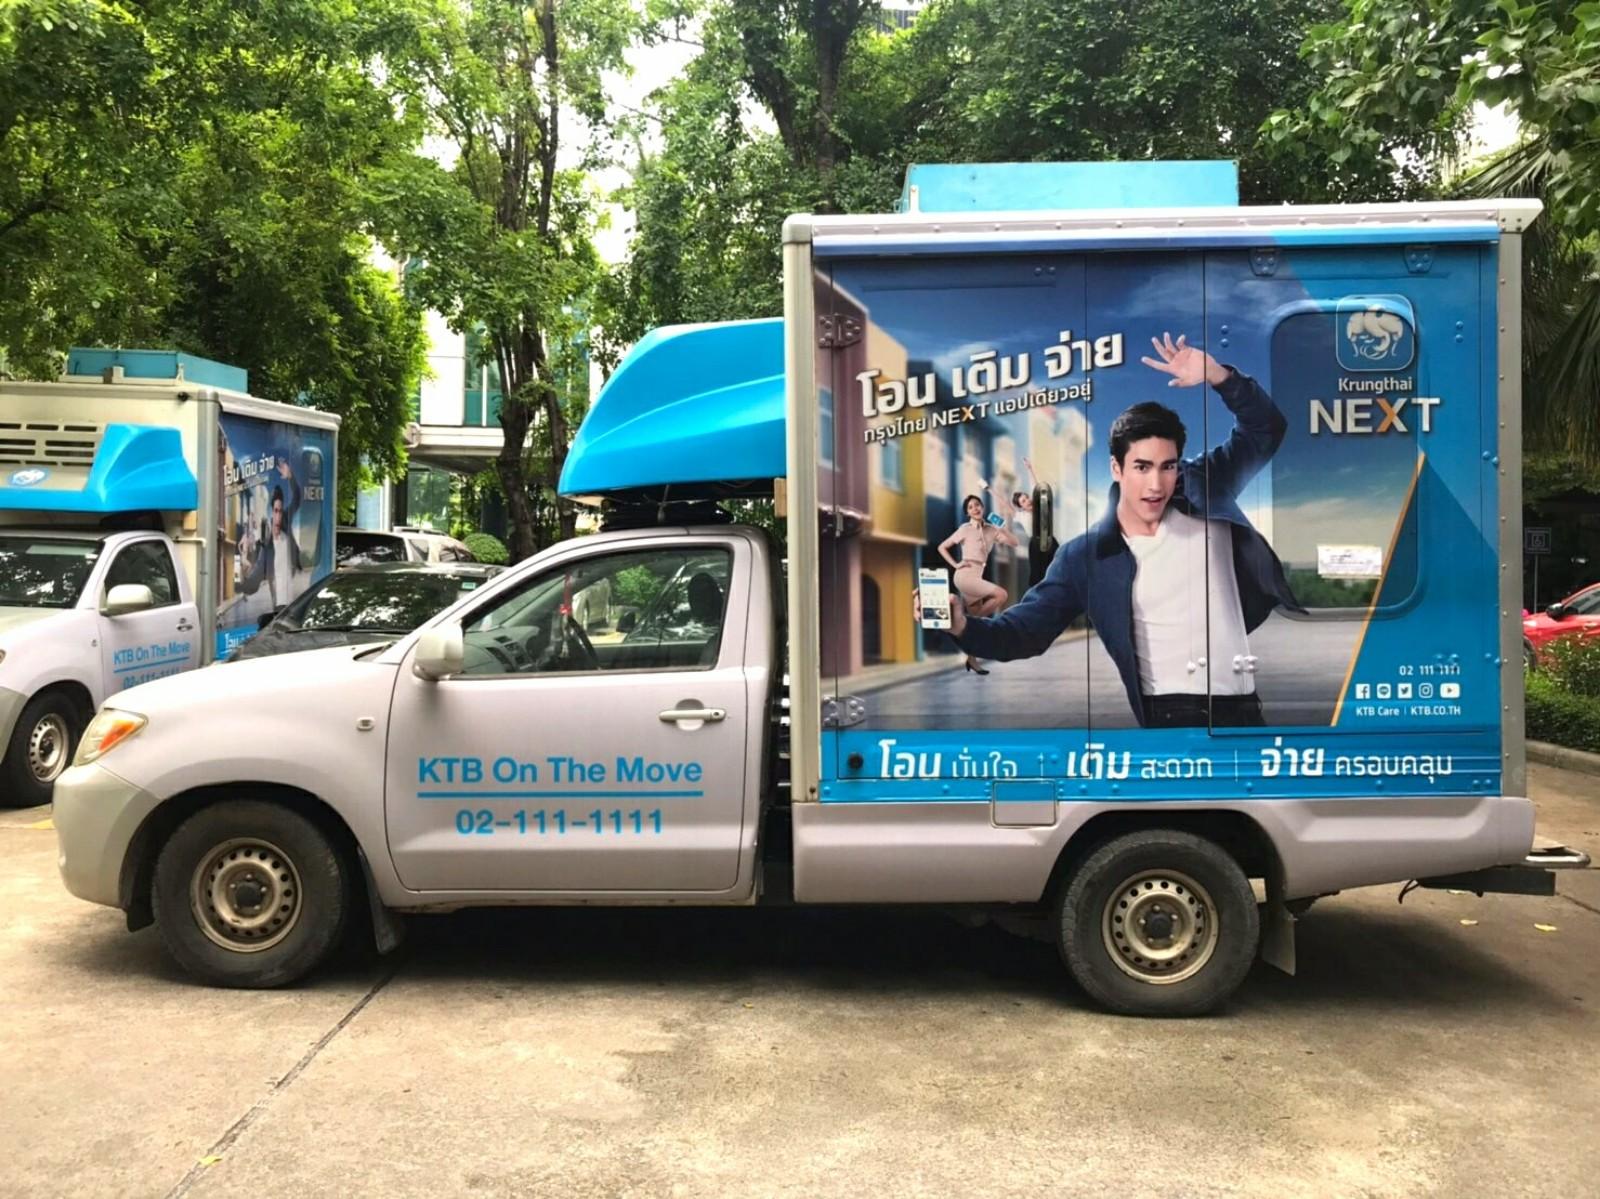 กรุงไทยขานรับมาตรการบรรเทาค่าครองชีพ